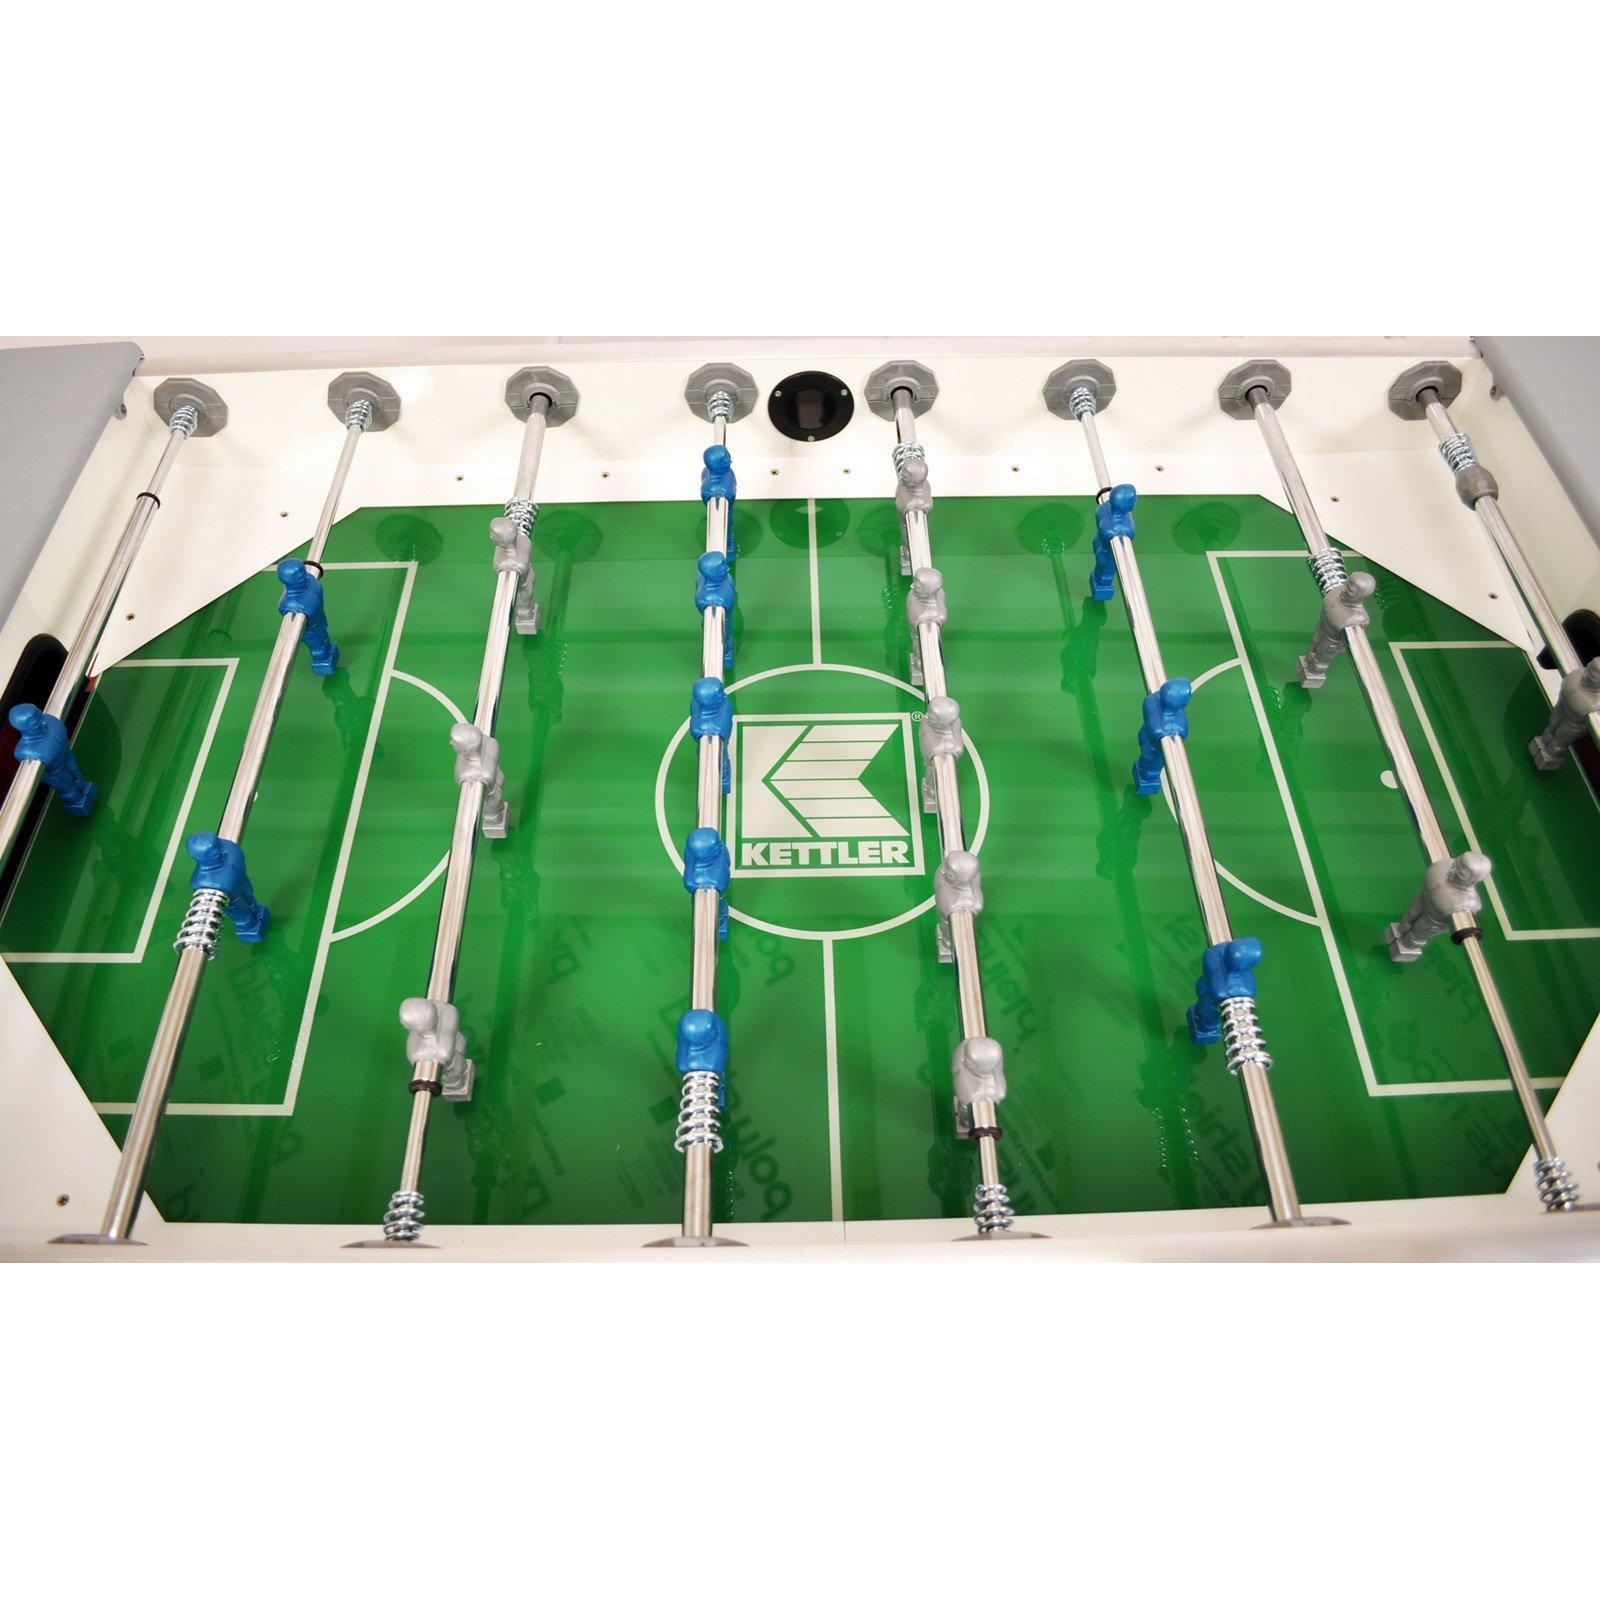 2. Kettler Weatherproof Outdoor/Indoor Soccer/Foosball Game Table